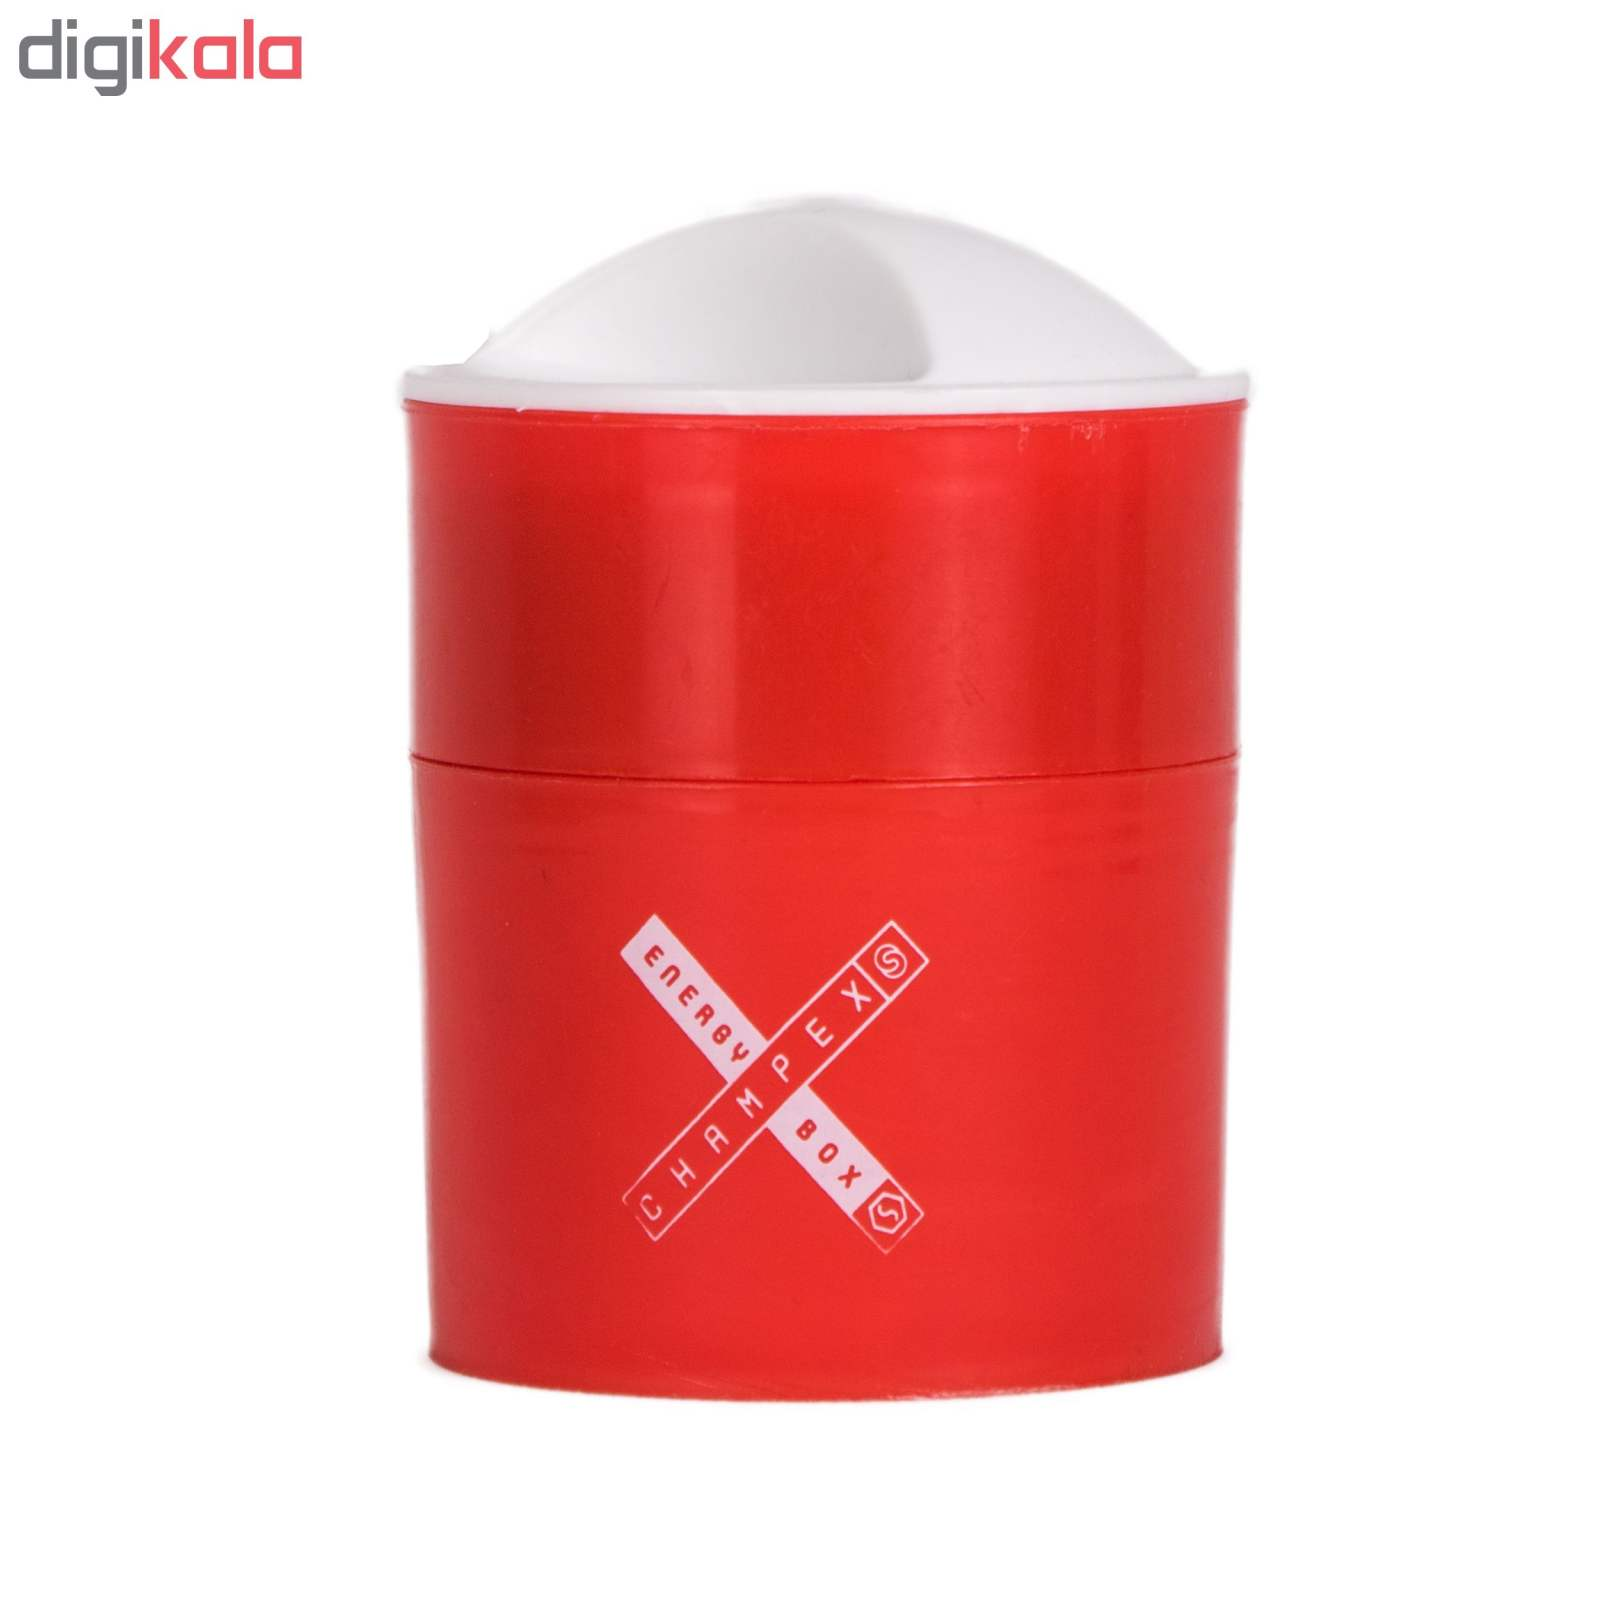 جعبه نگهدارنده دارو چمپکس مدل Energy Box main 1 1